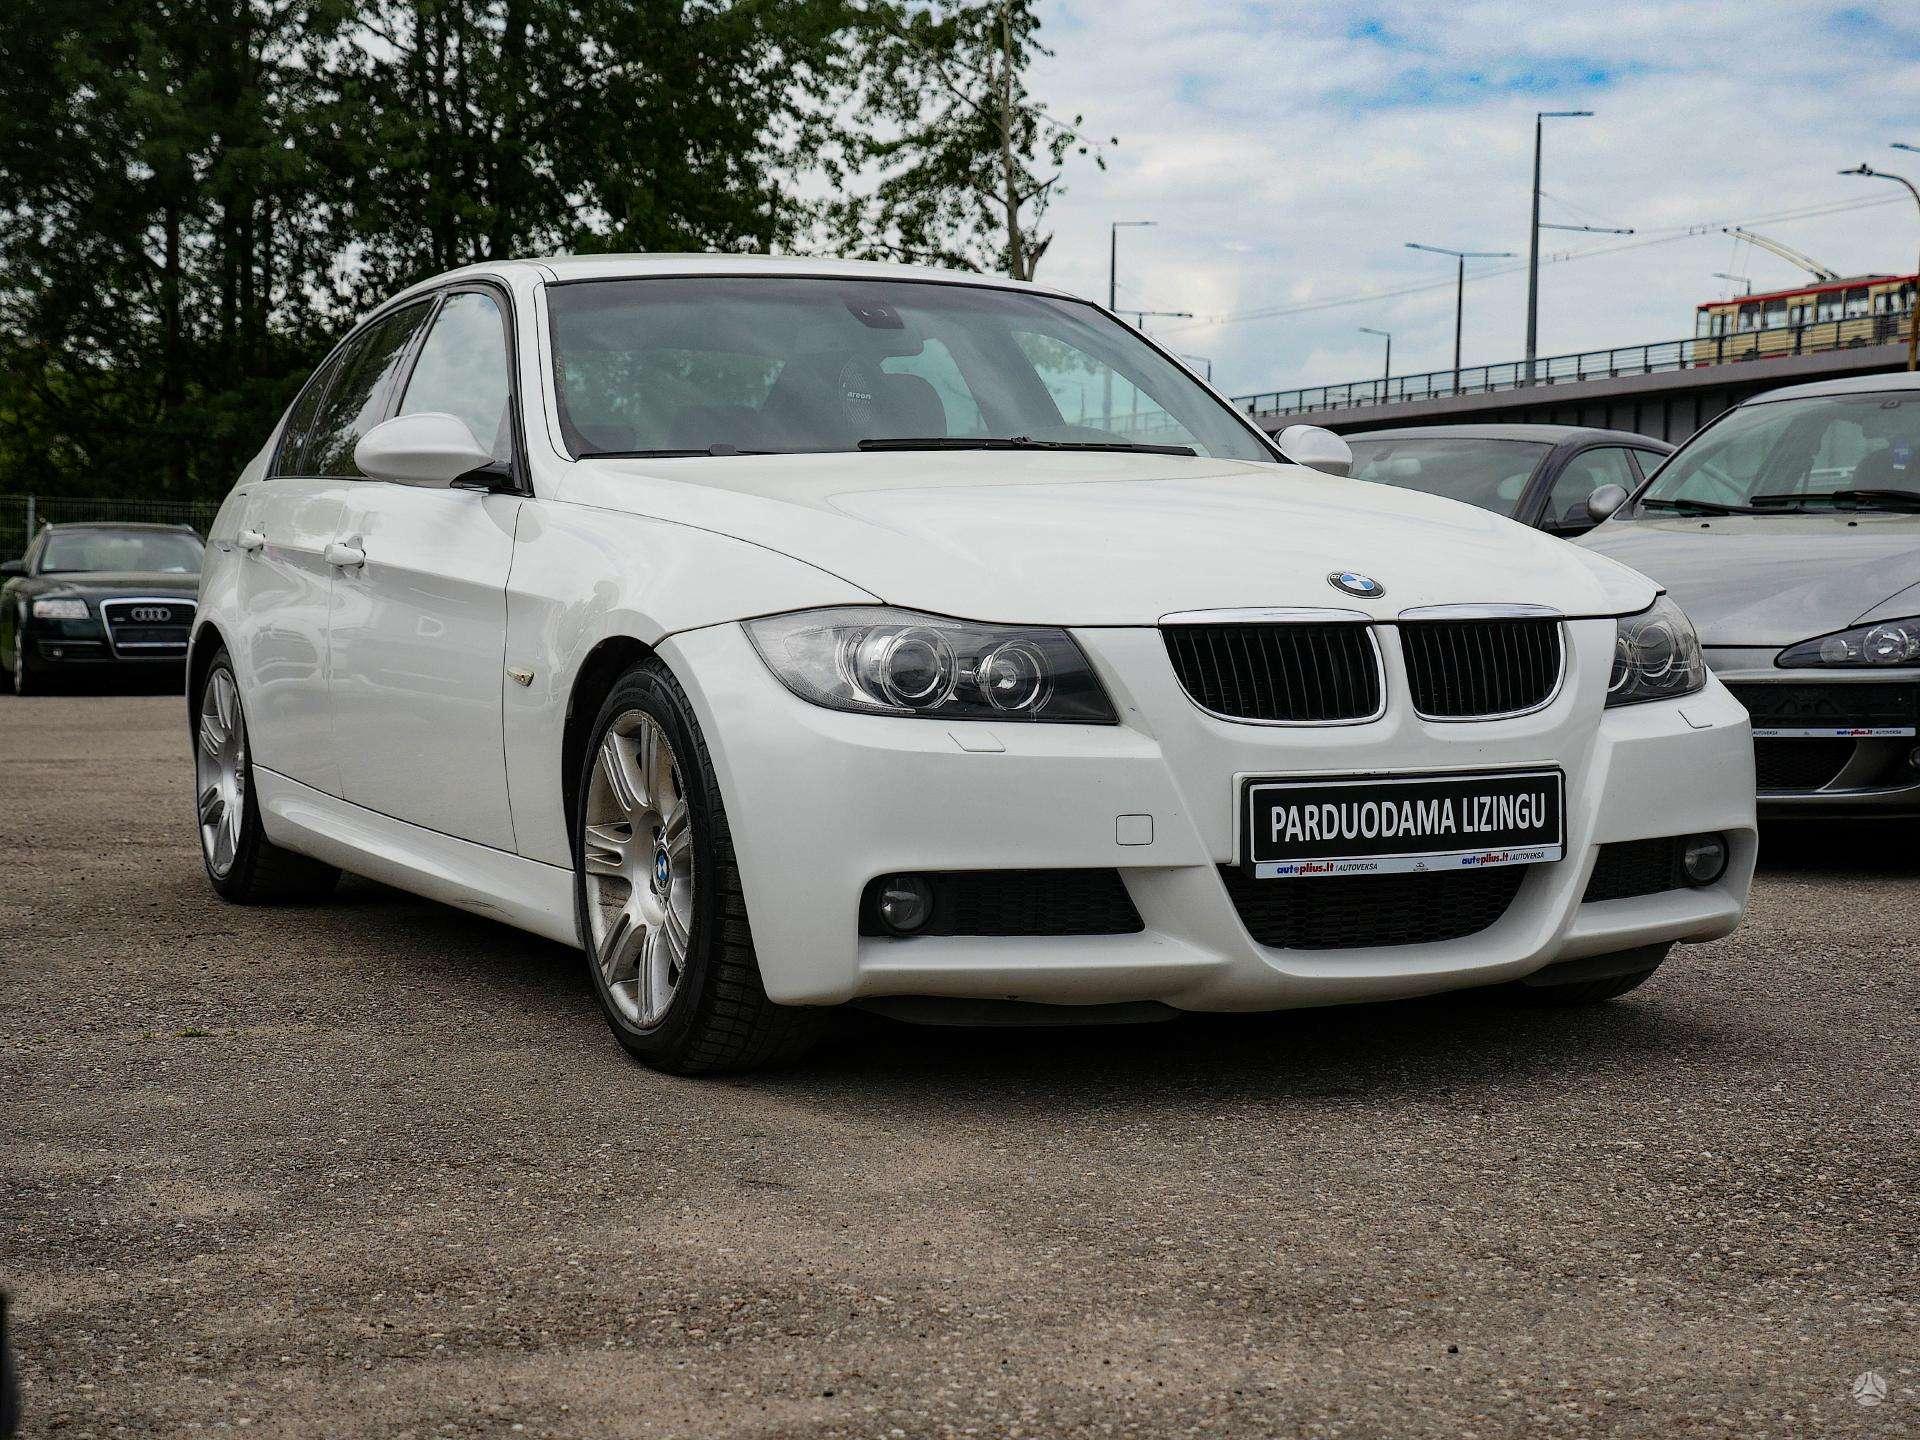 BMW 320 išsimokėtinai nuo 103Eur/Mėn su 3 mėnesių garantija